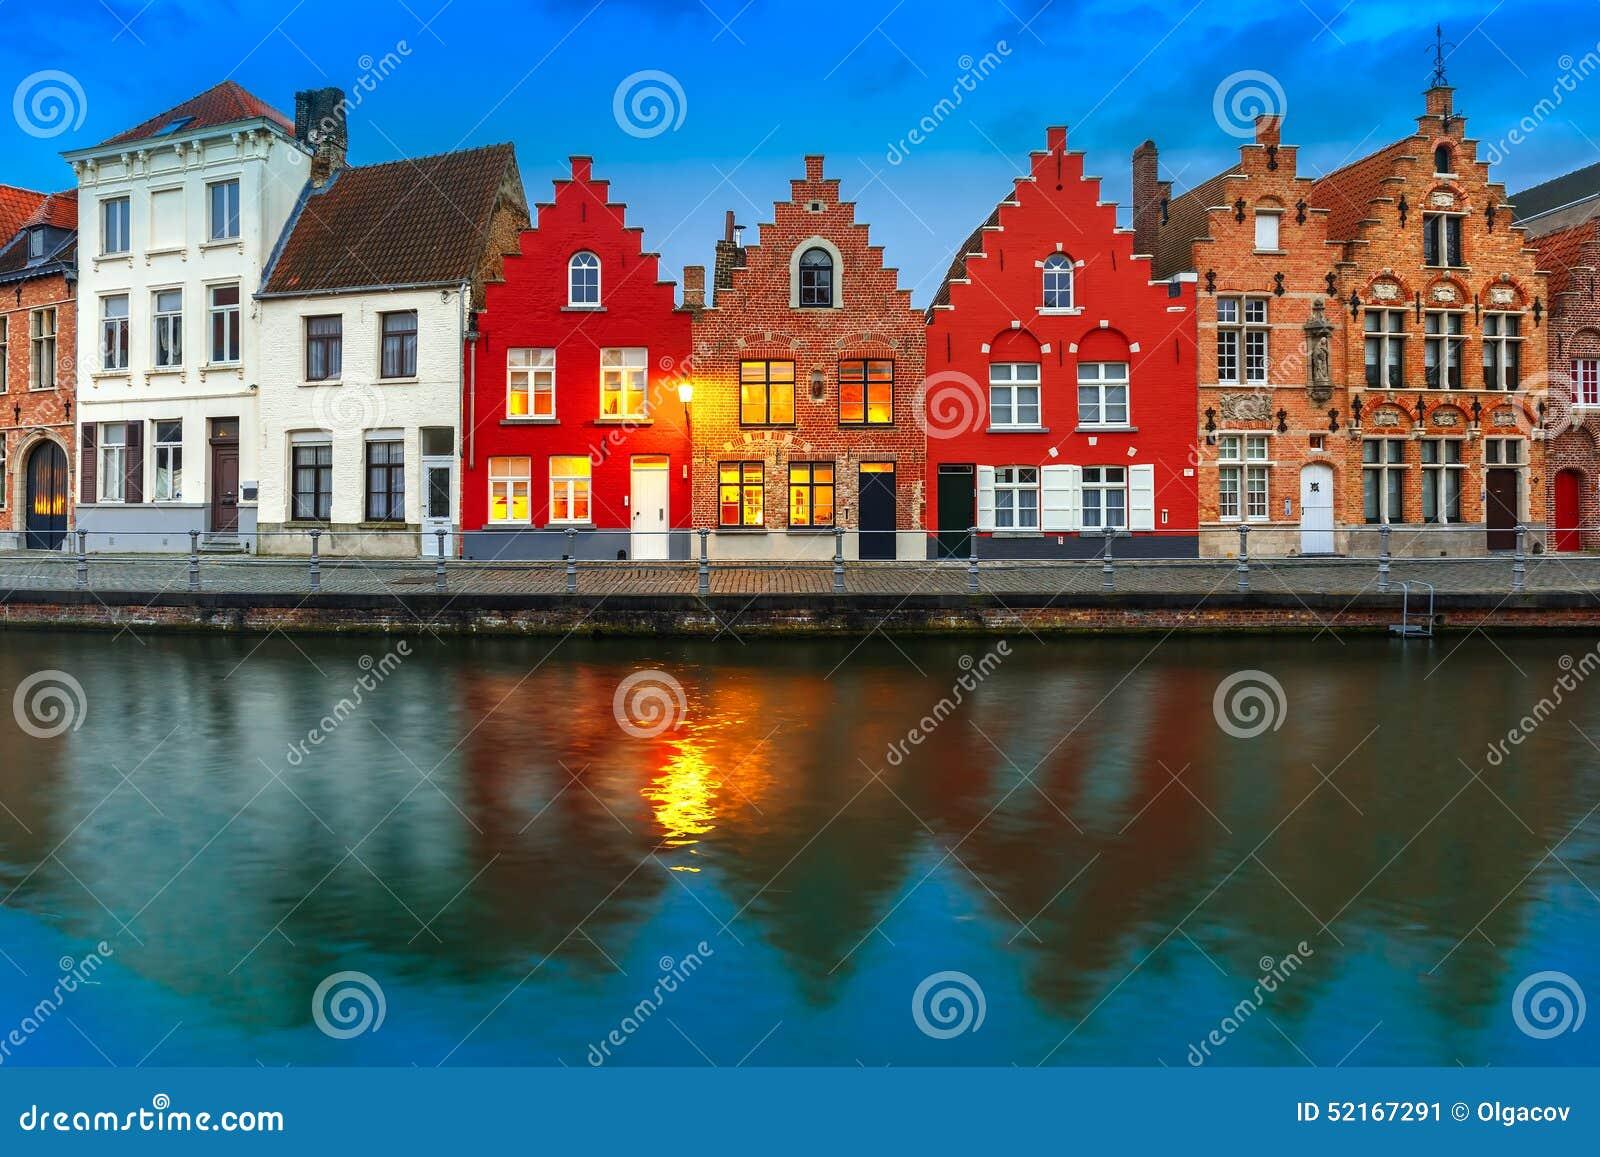 Canale di bruges di notte con le belle case colorate for Foto di ville colorate